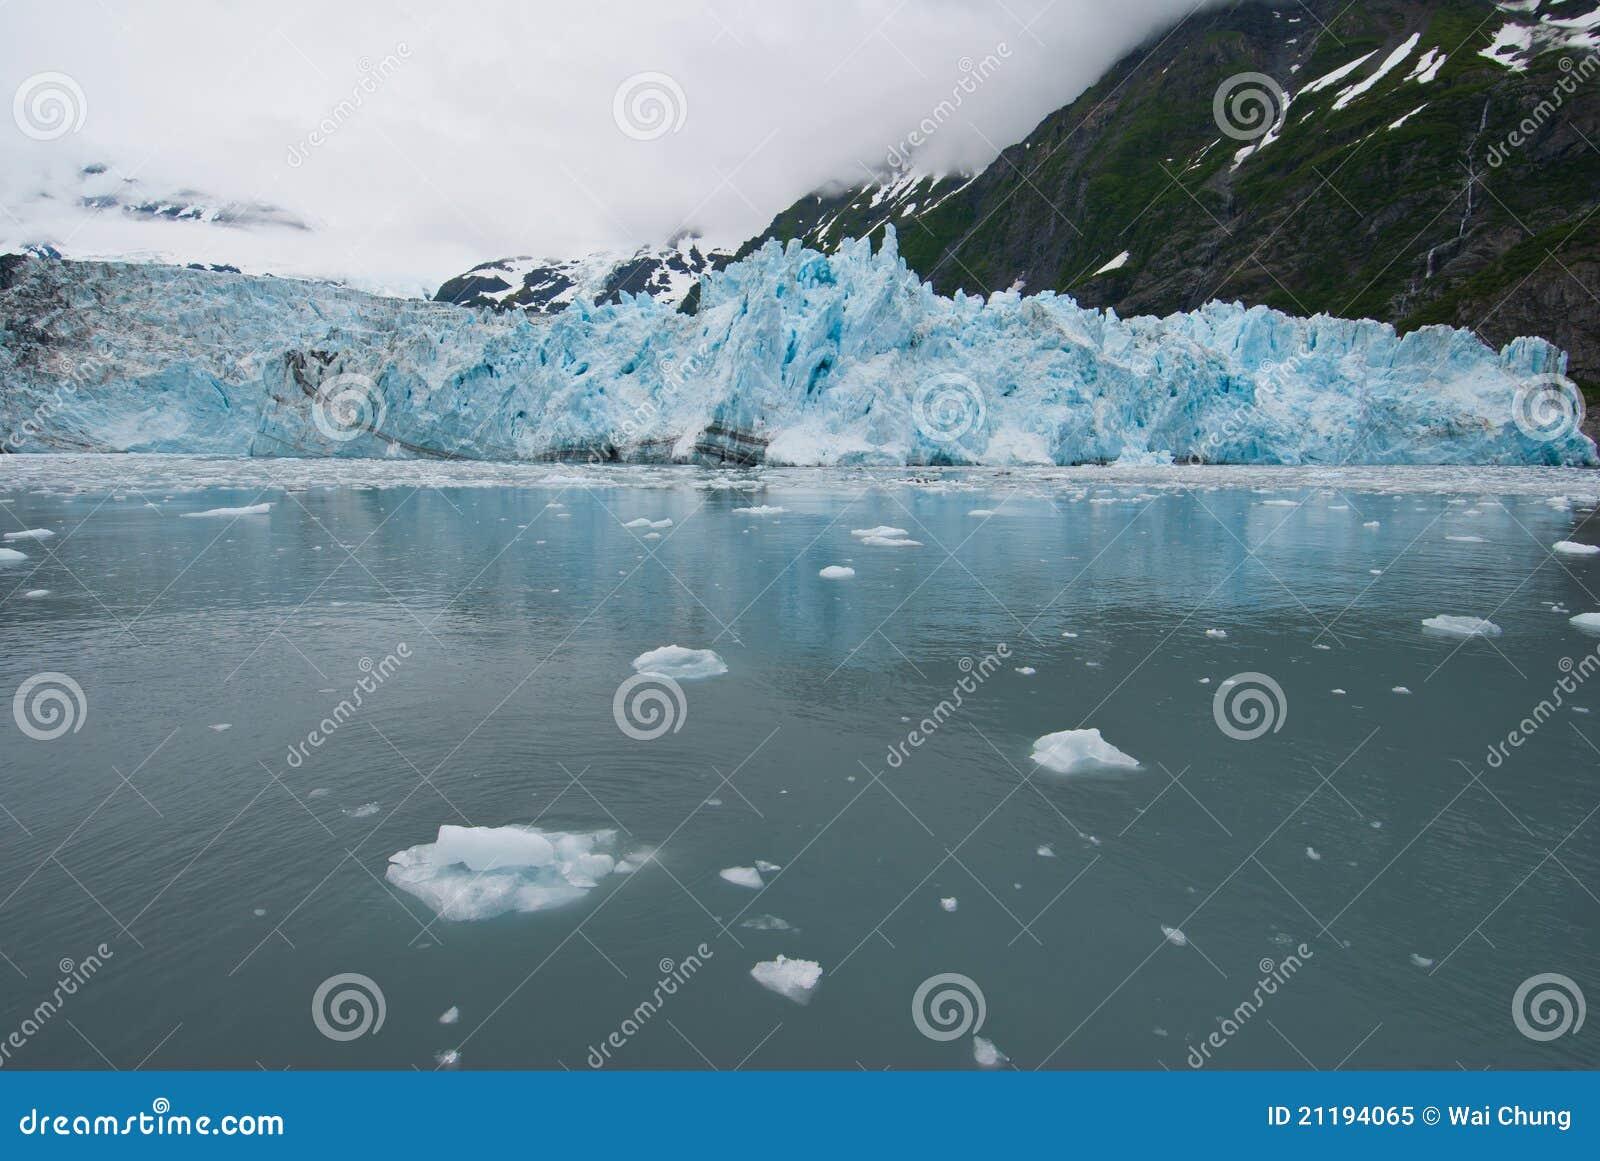 View of Surprise Glacier